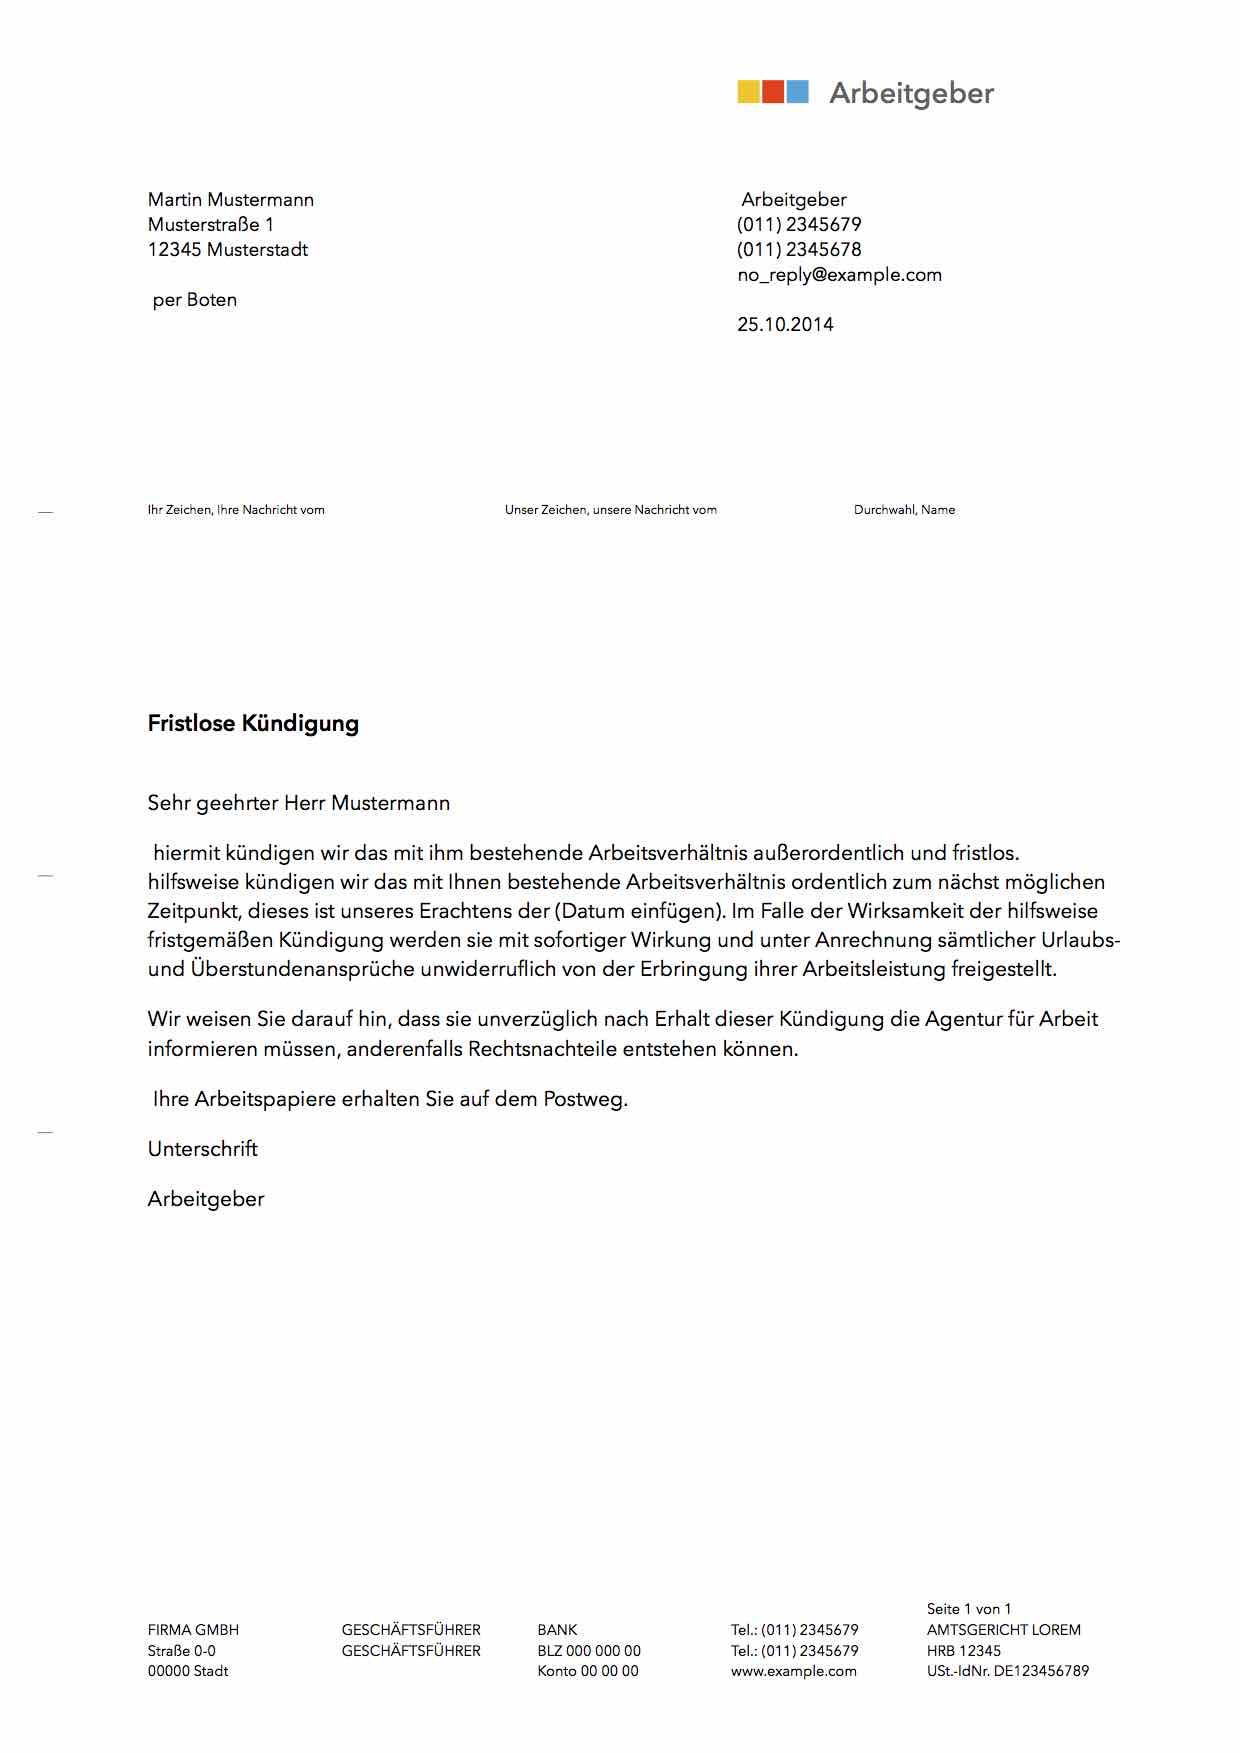 Fristlose Kuendigung Schrader Mansouri Rechtsanwälte Mbb